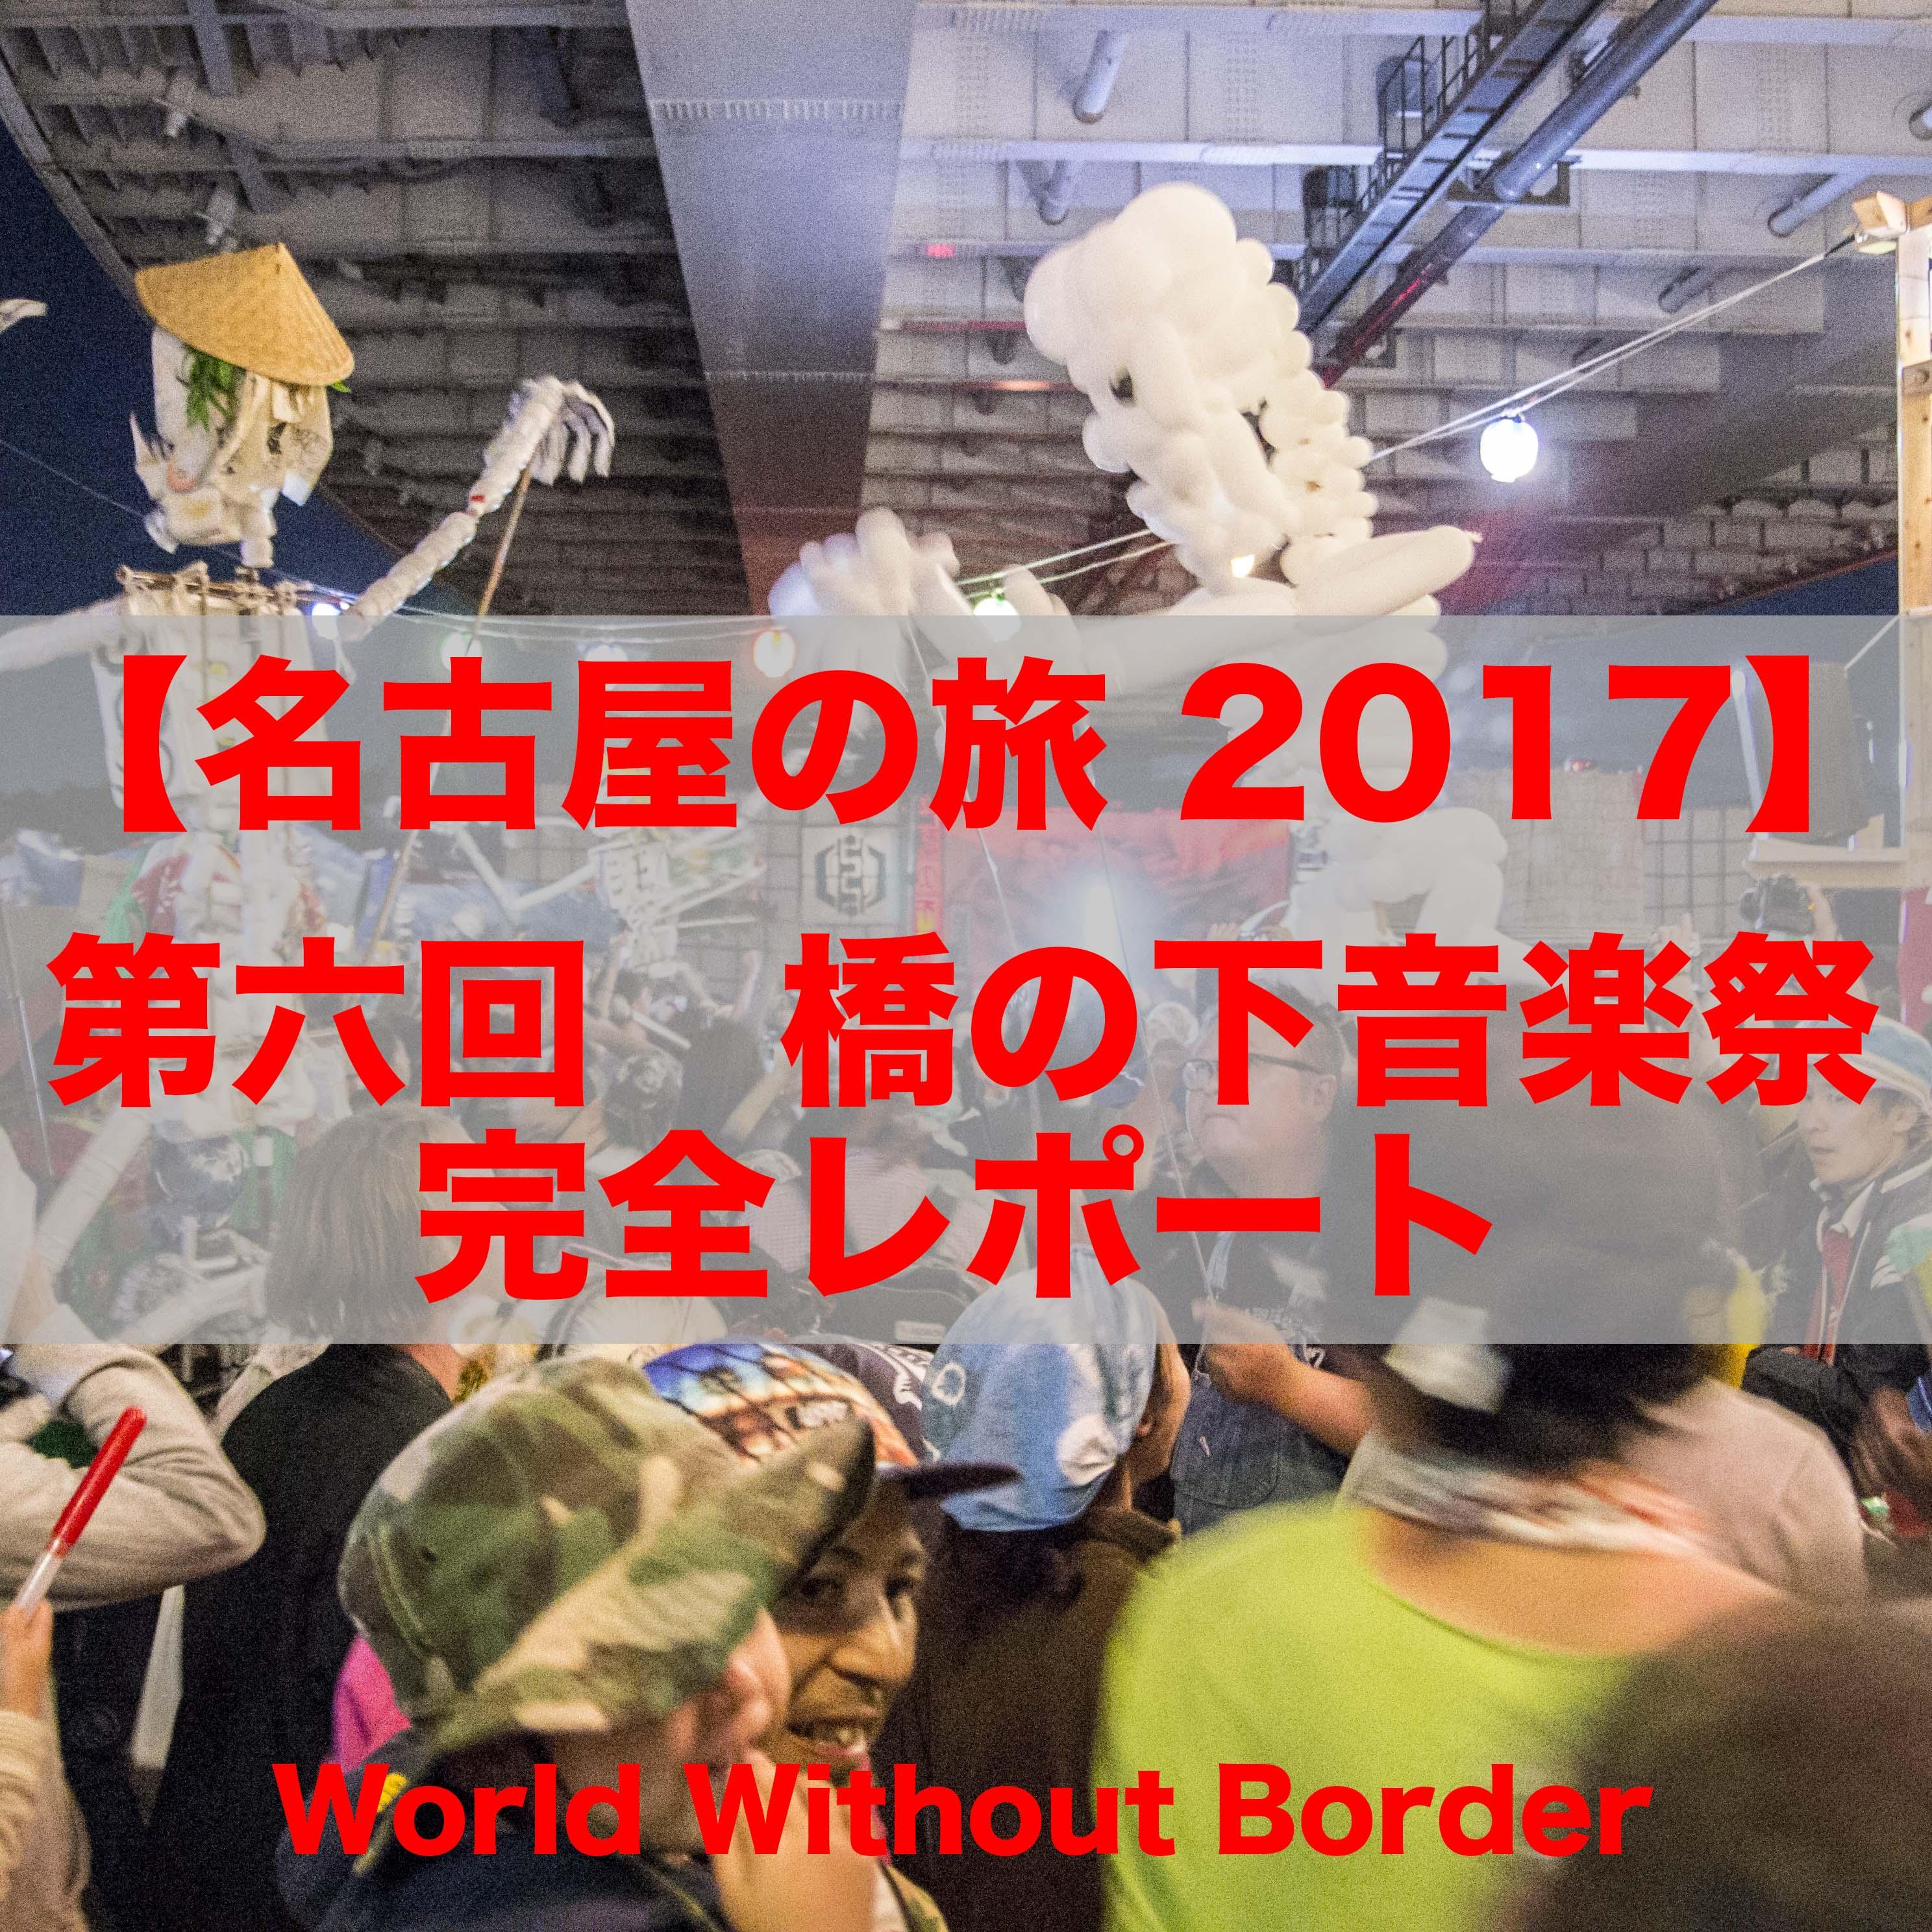 【名古屋の旅 2017】日本の祭り+音楽の融合イベントは唯一無二。 第六回 橋の下音楽祭 2017 レポート